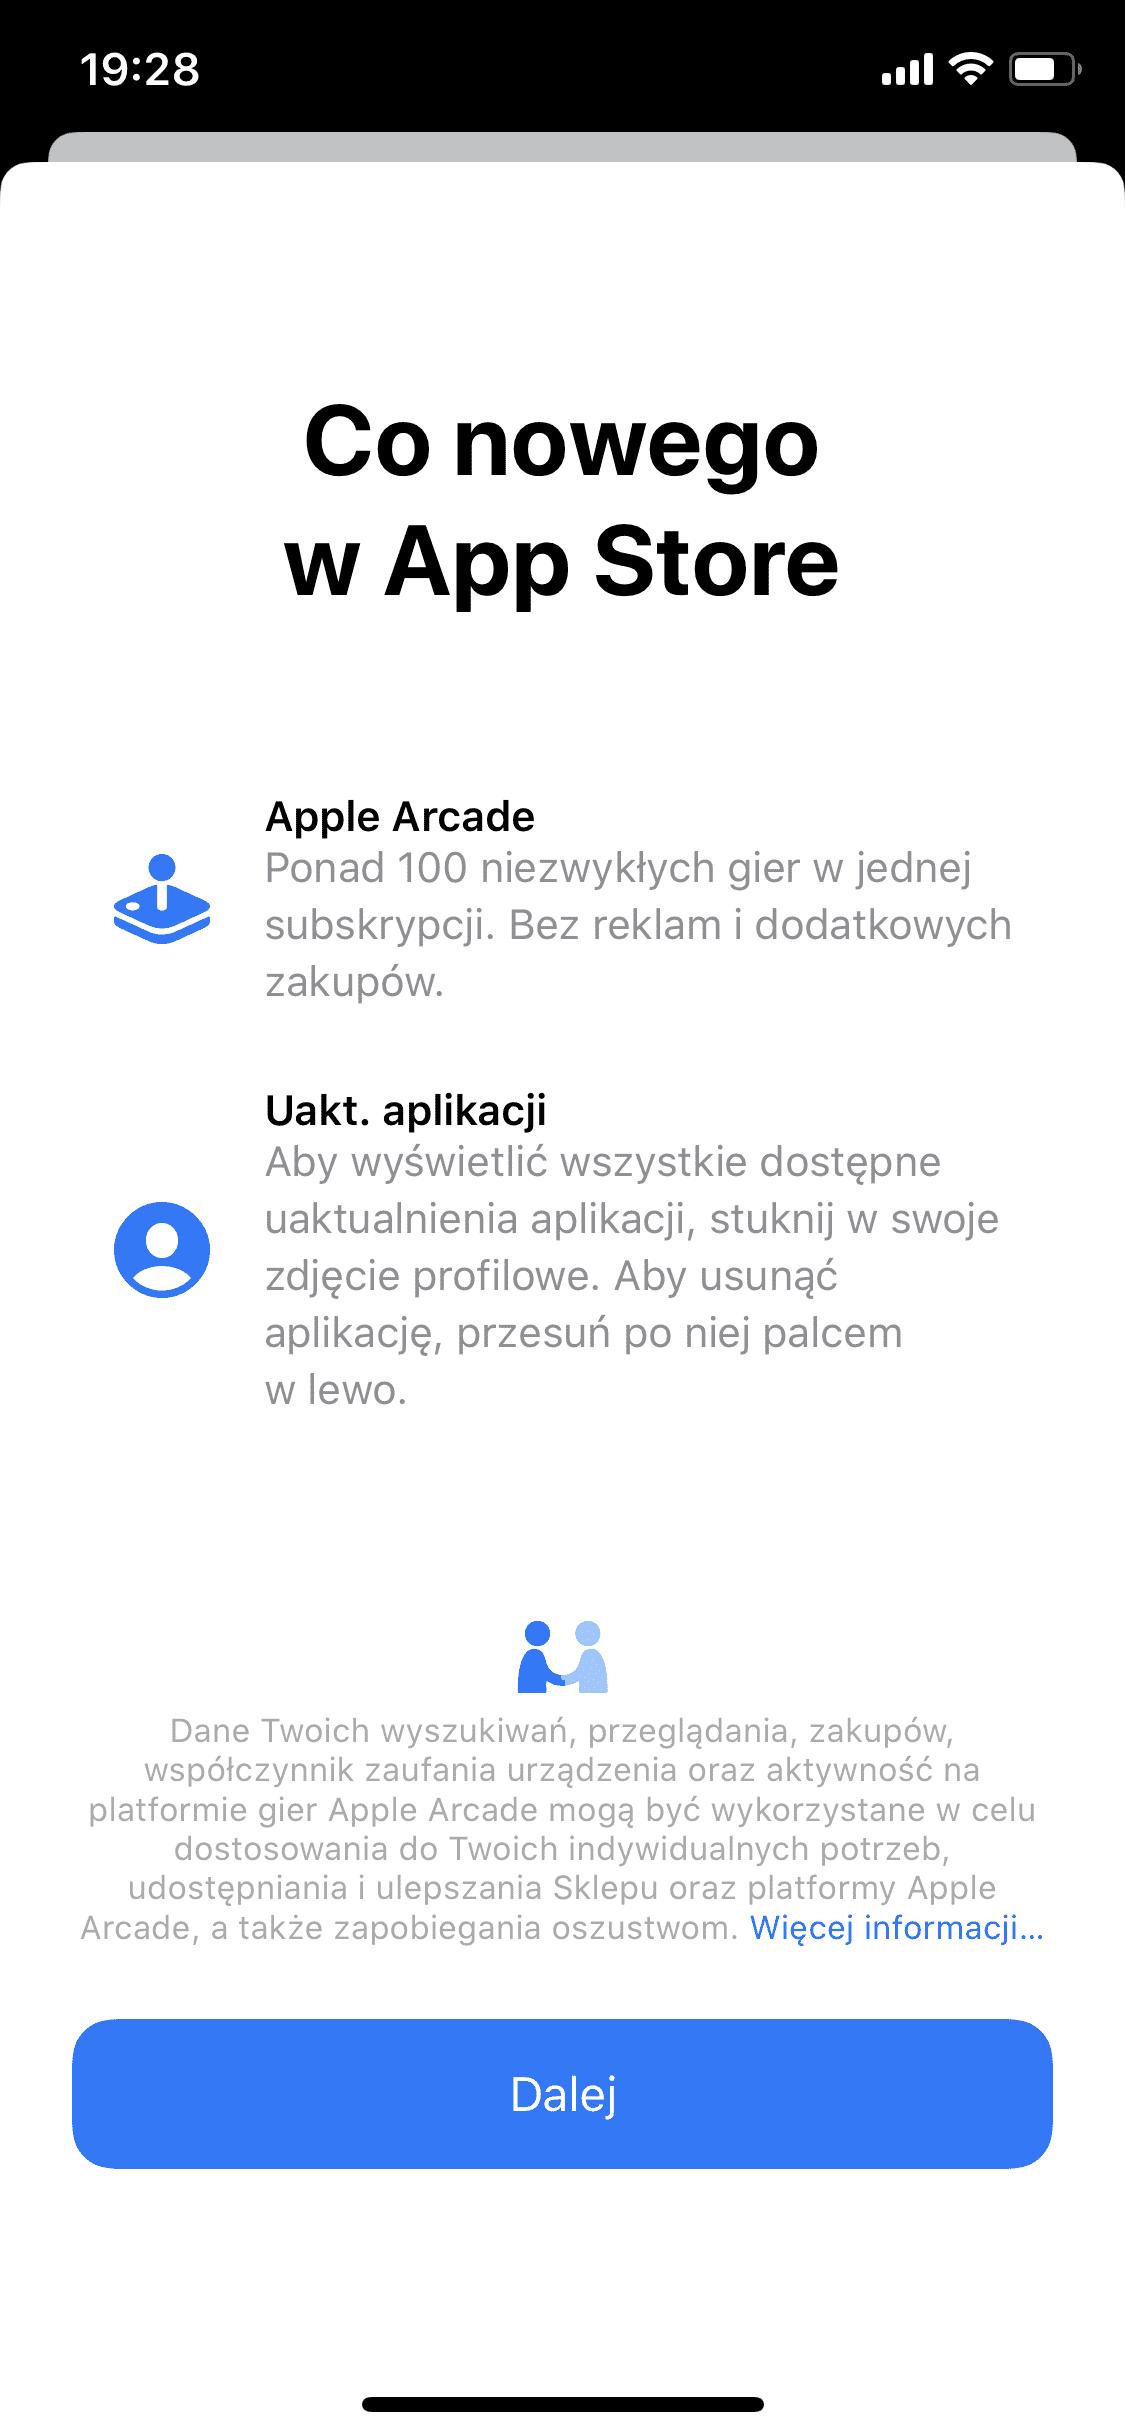 iPadOS 13 / iOS 13 beta 6 - nasza lista zmian polecane, ciekawostki zmiany, Update, lista zmian, iOS 13 beta 6, co nowego, Apple, Aktualizacja  Dobre wieści dla deweloperów iOS 13 i iPadOS 13. Właśnie Apple udostępniło im szóste bety najnowszego oprogramowania. Co zostało zmienione w stosunku do piątej bety? IMG 1029